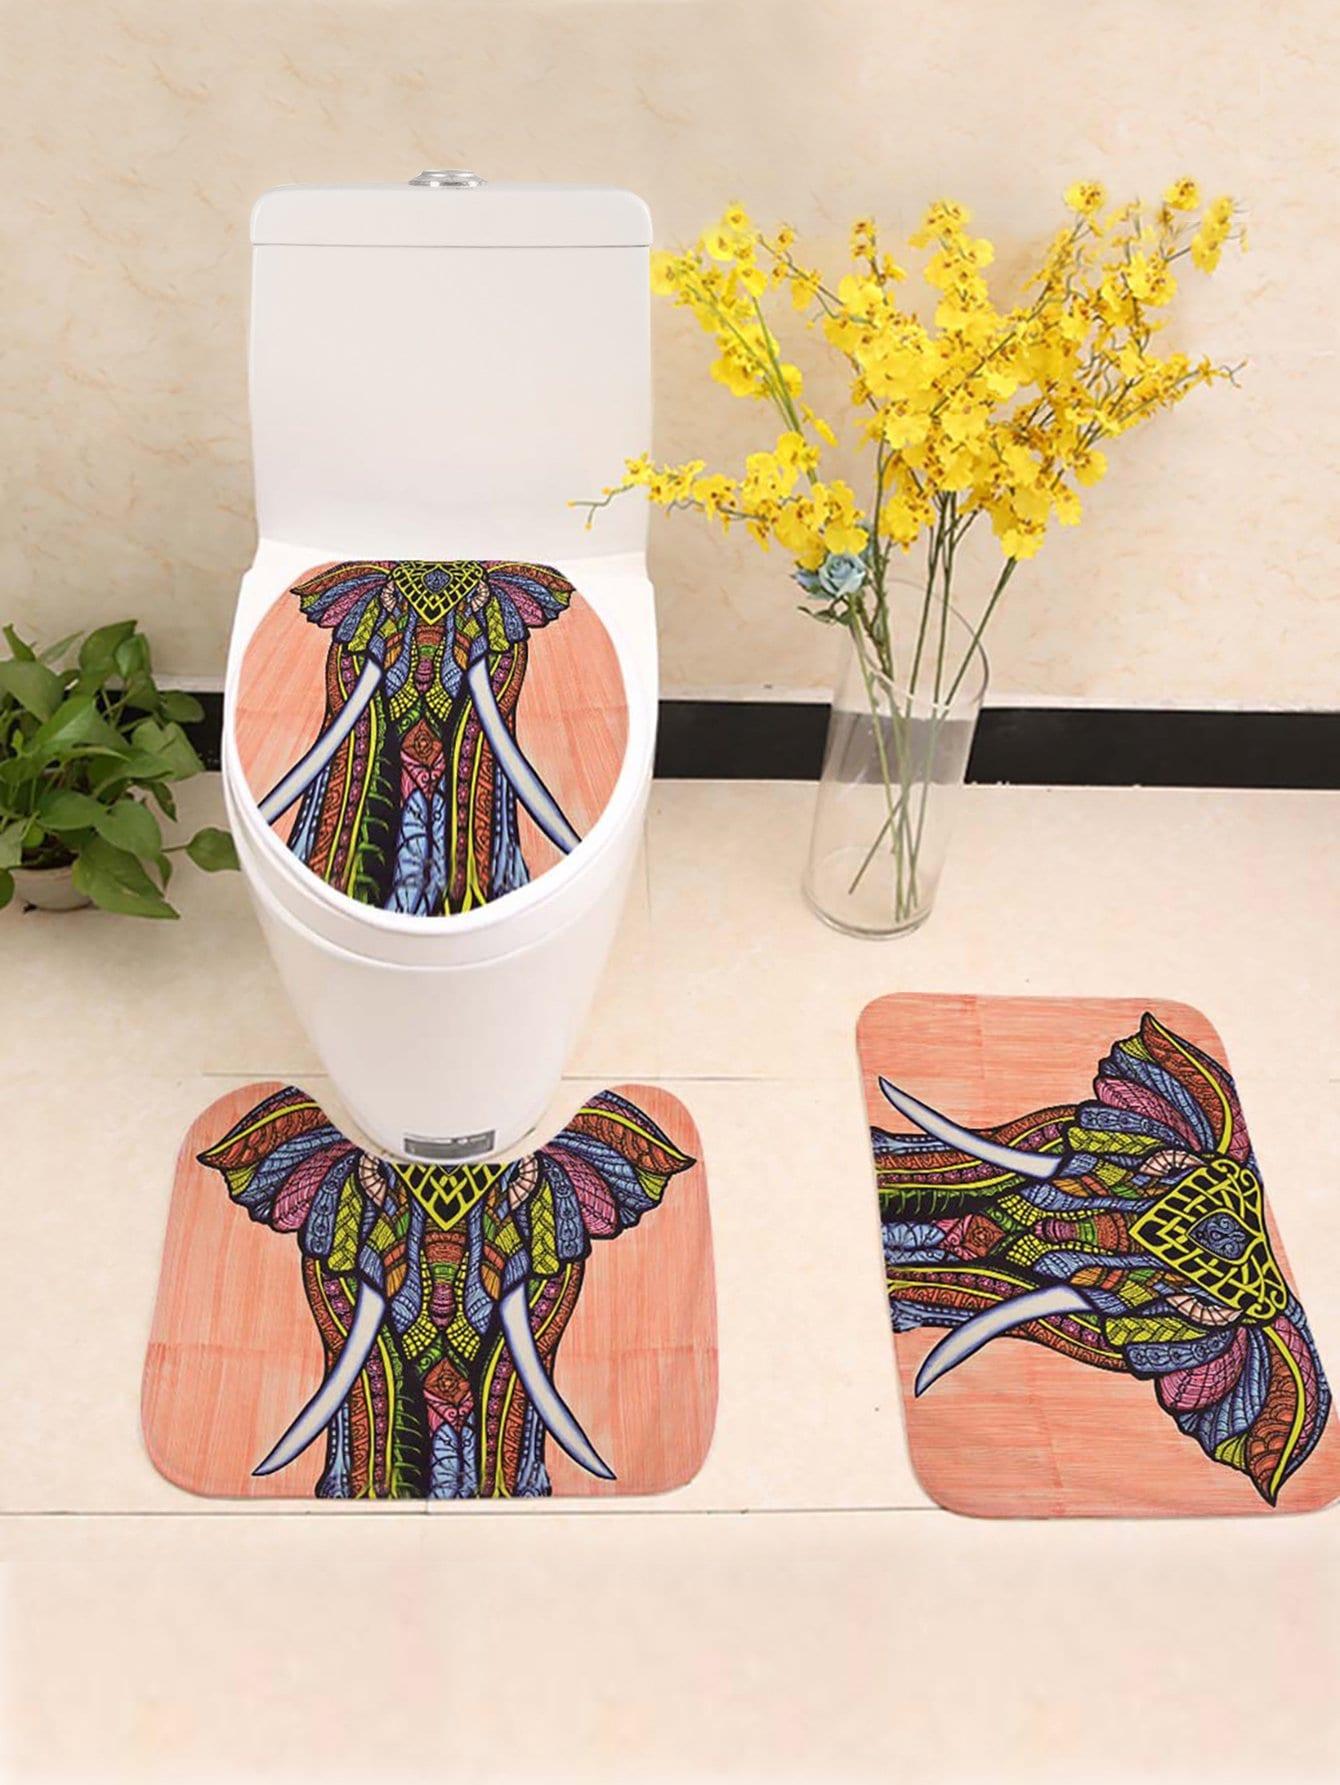 Купить Комплект ванного ковра с рисунком слона 3 шт, null, SheIn